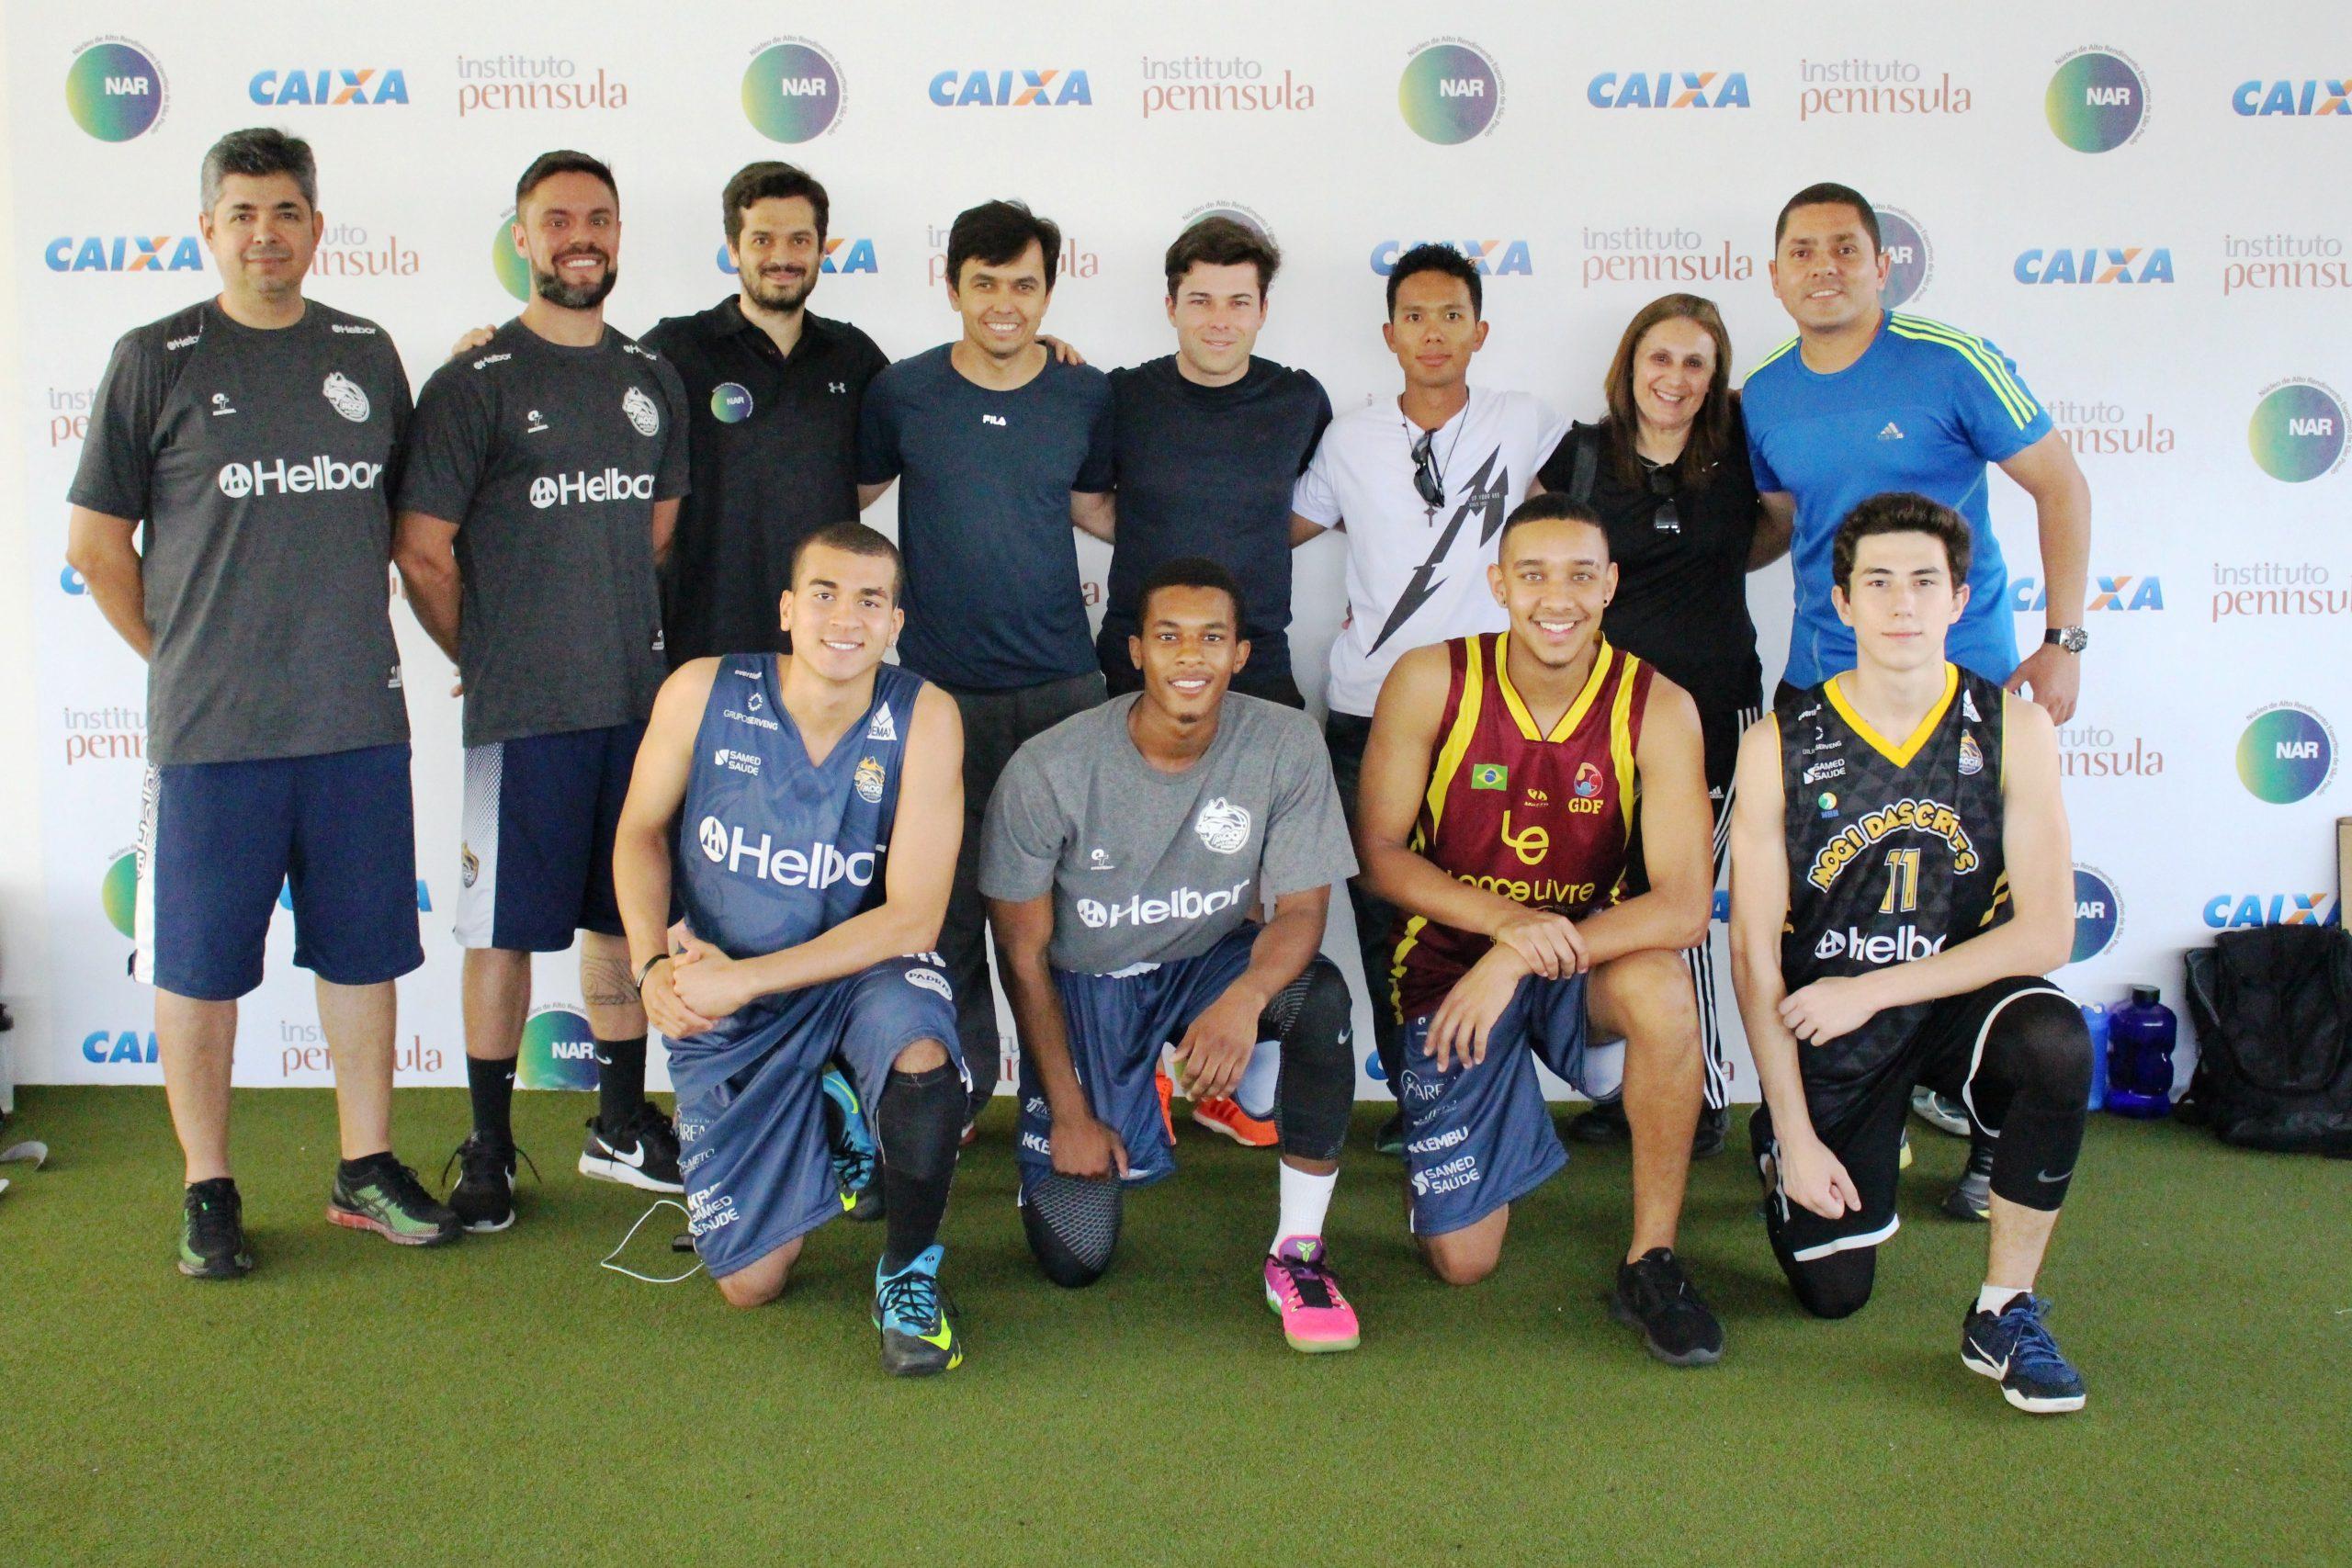 Disputando o Campeonato Paulista, equipe de basquete sub-19 de Mogi das Cruzes passa por avaliações no NAR-SP